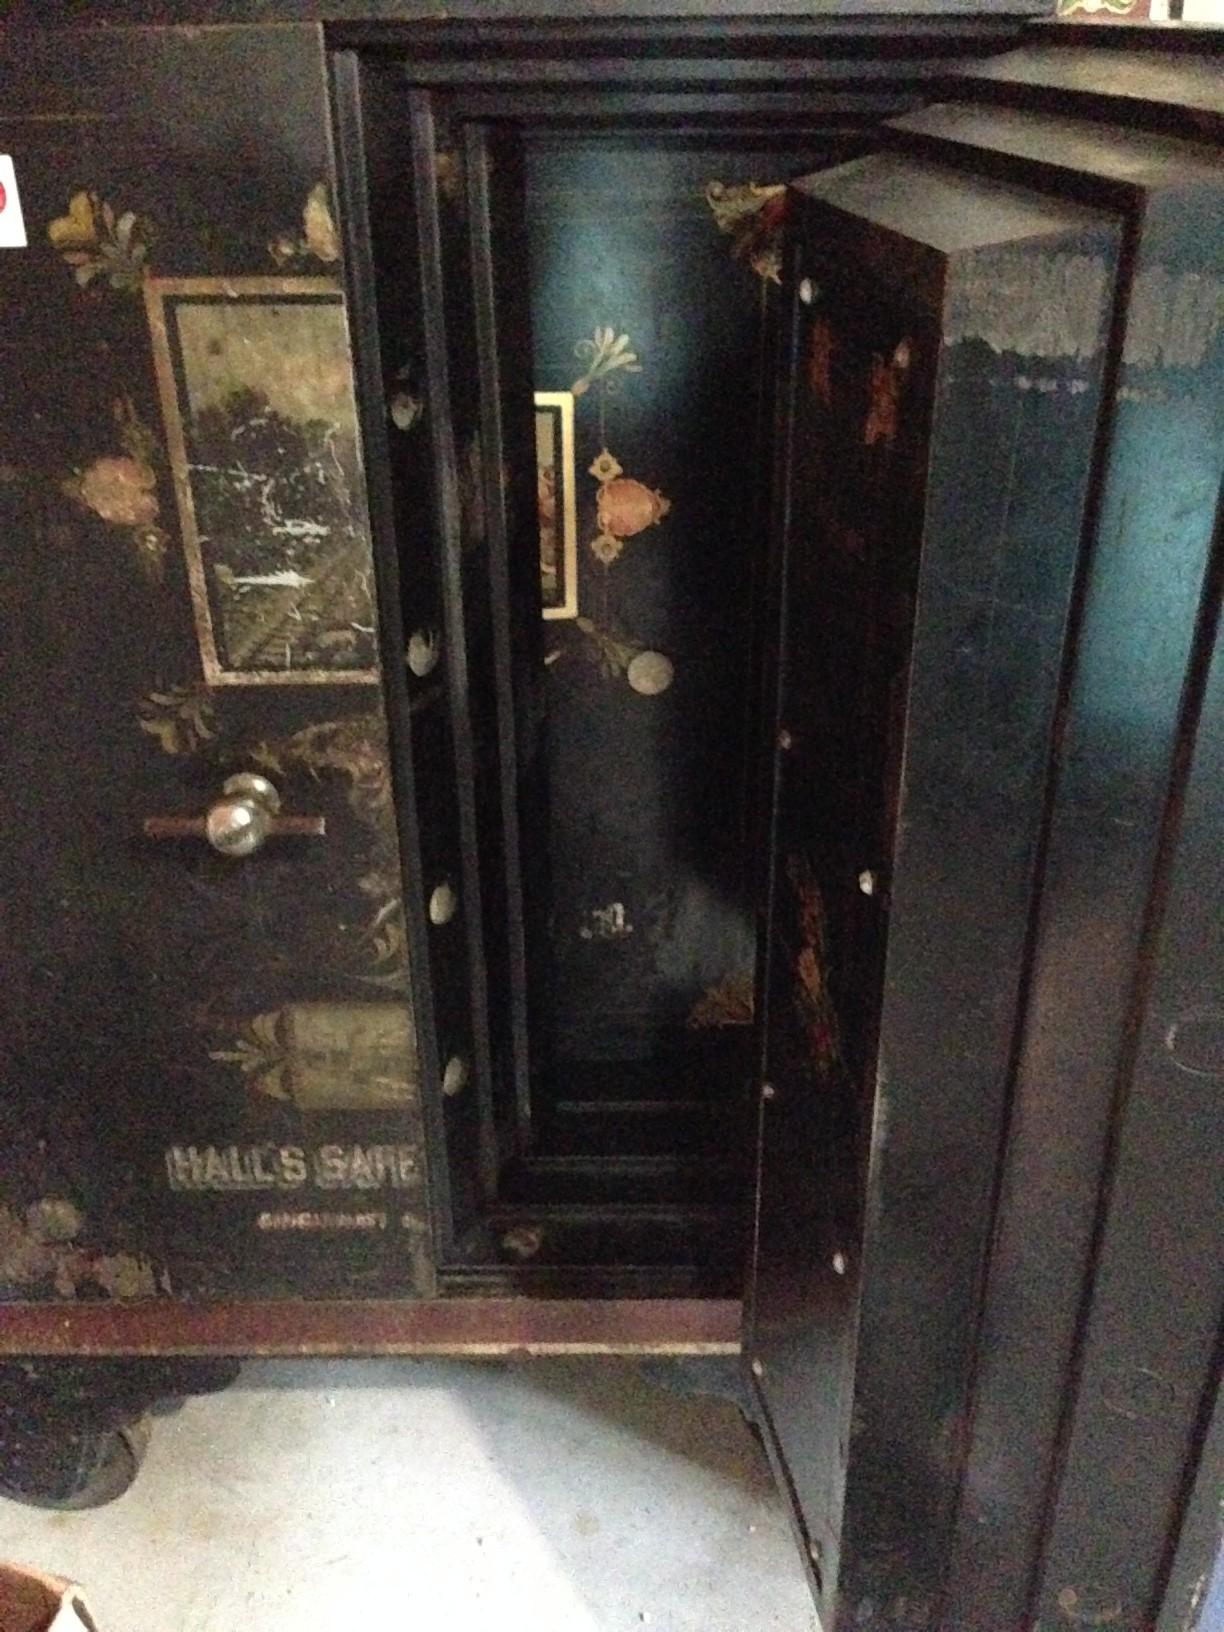 Antique Safe - Halls Safe & Lock Co antique appraisal